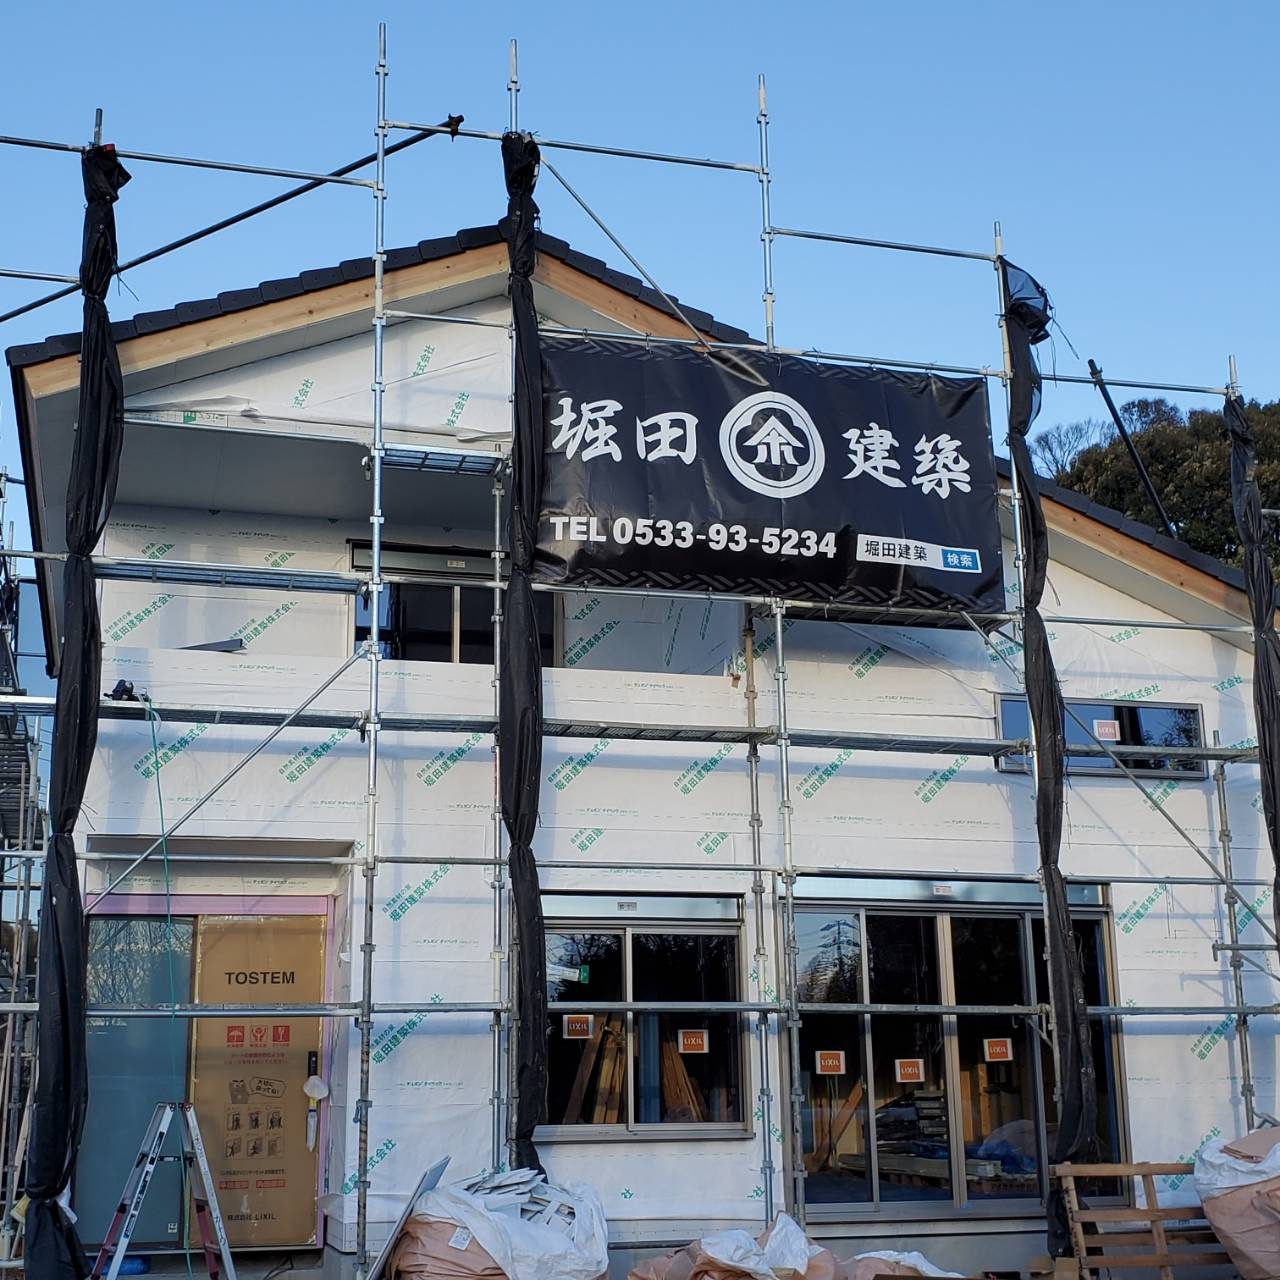 施工途中の現場を見学可能 「大工職人の技が光る家」